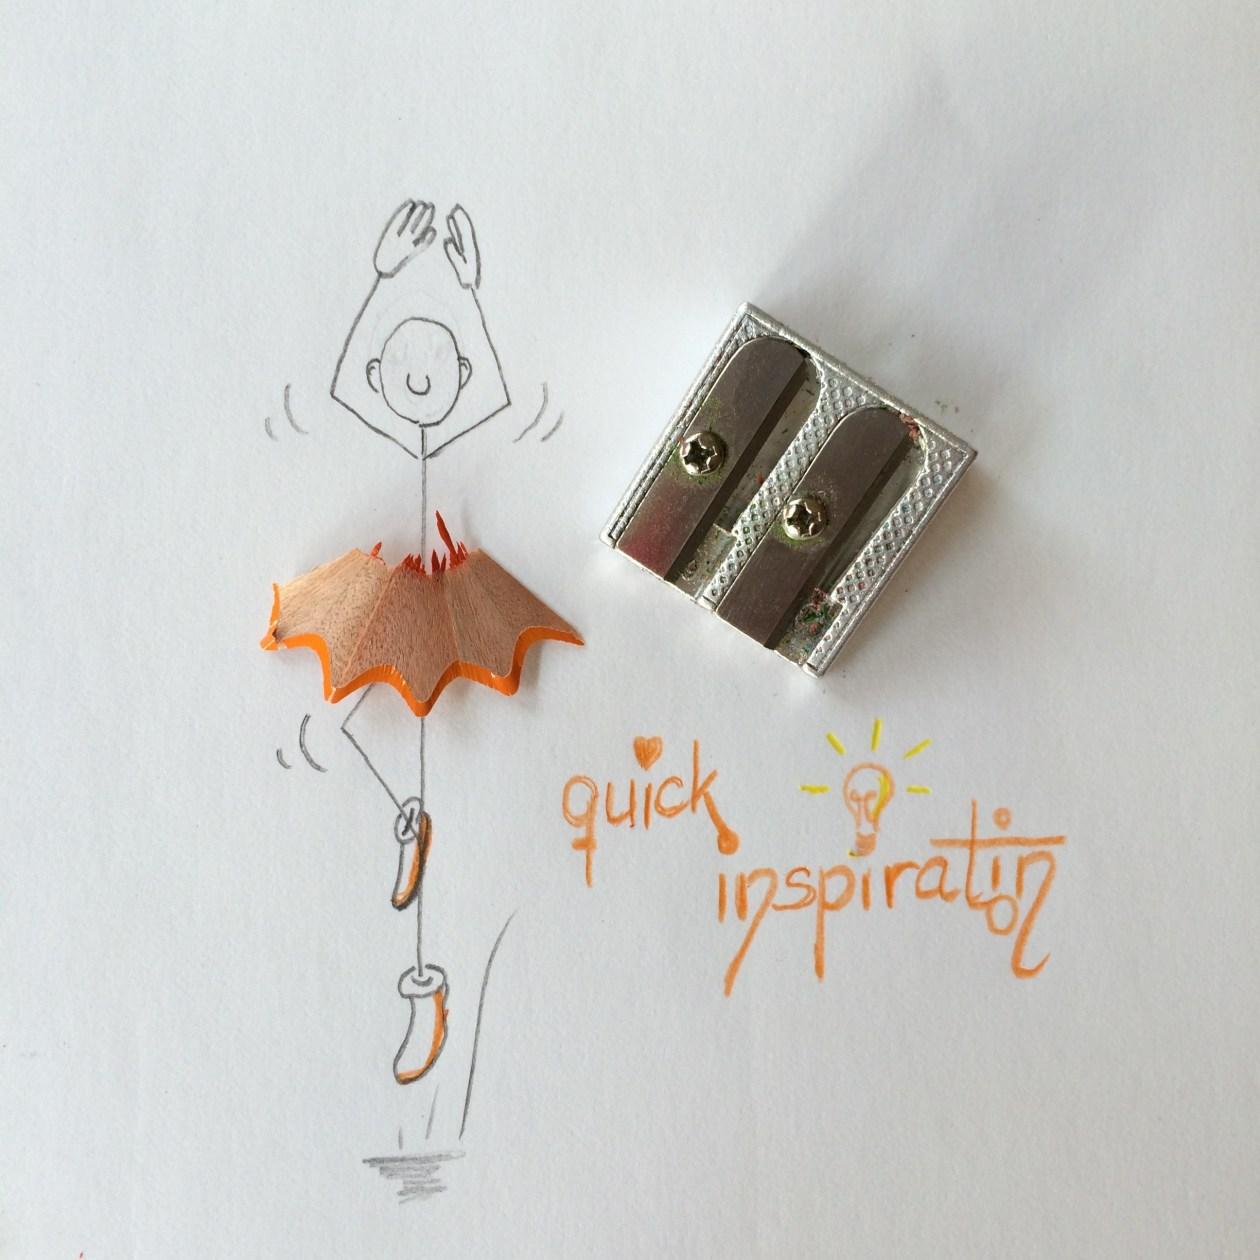 Doodle (Papier + Bleistift)